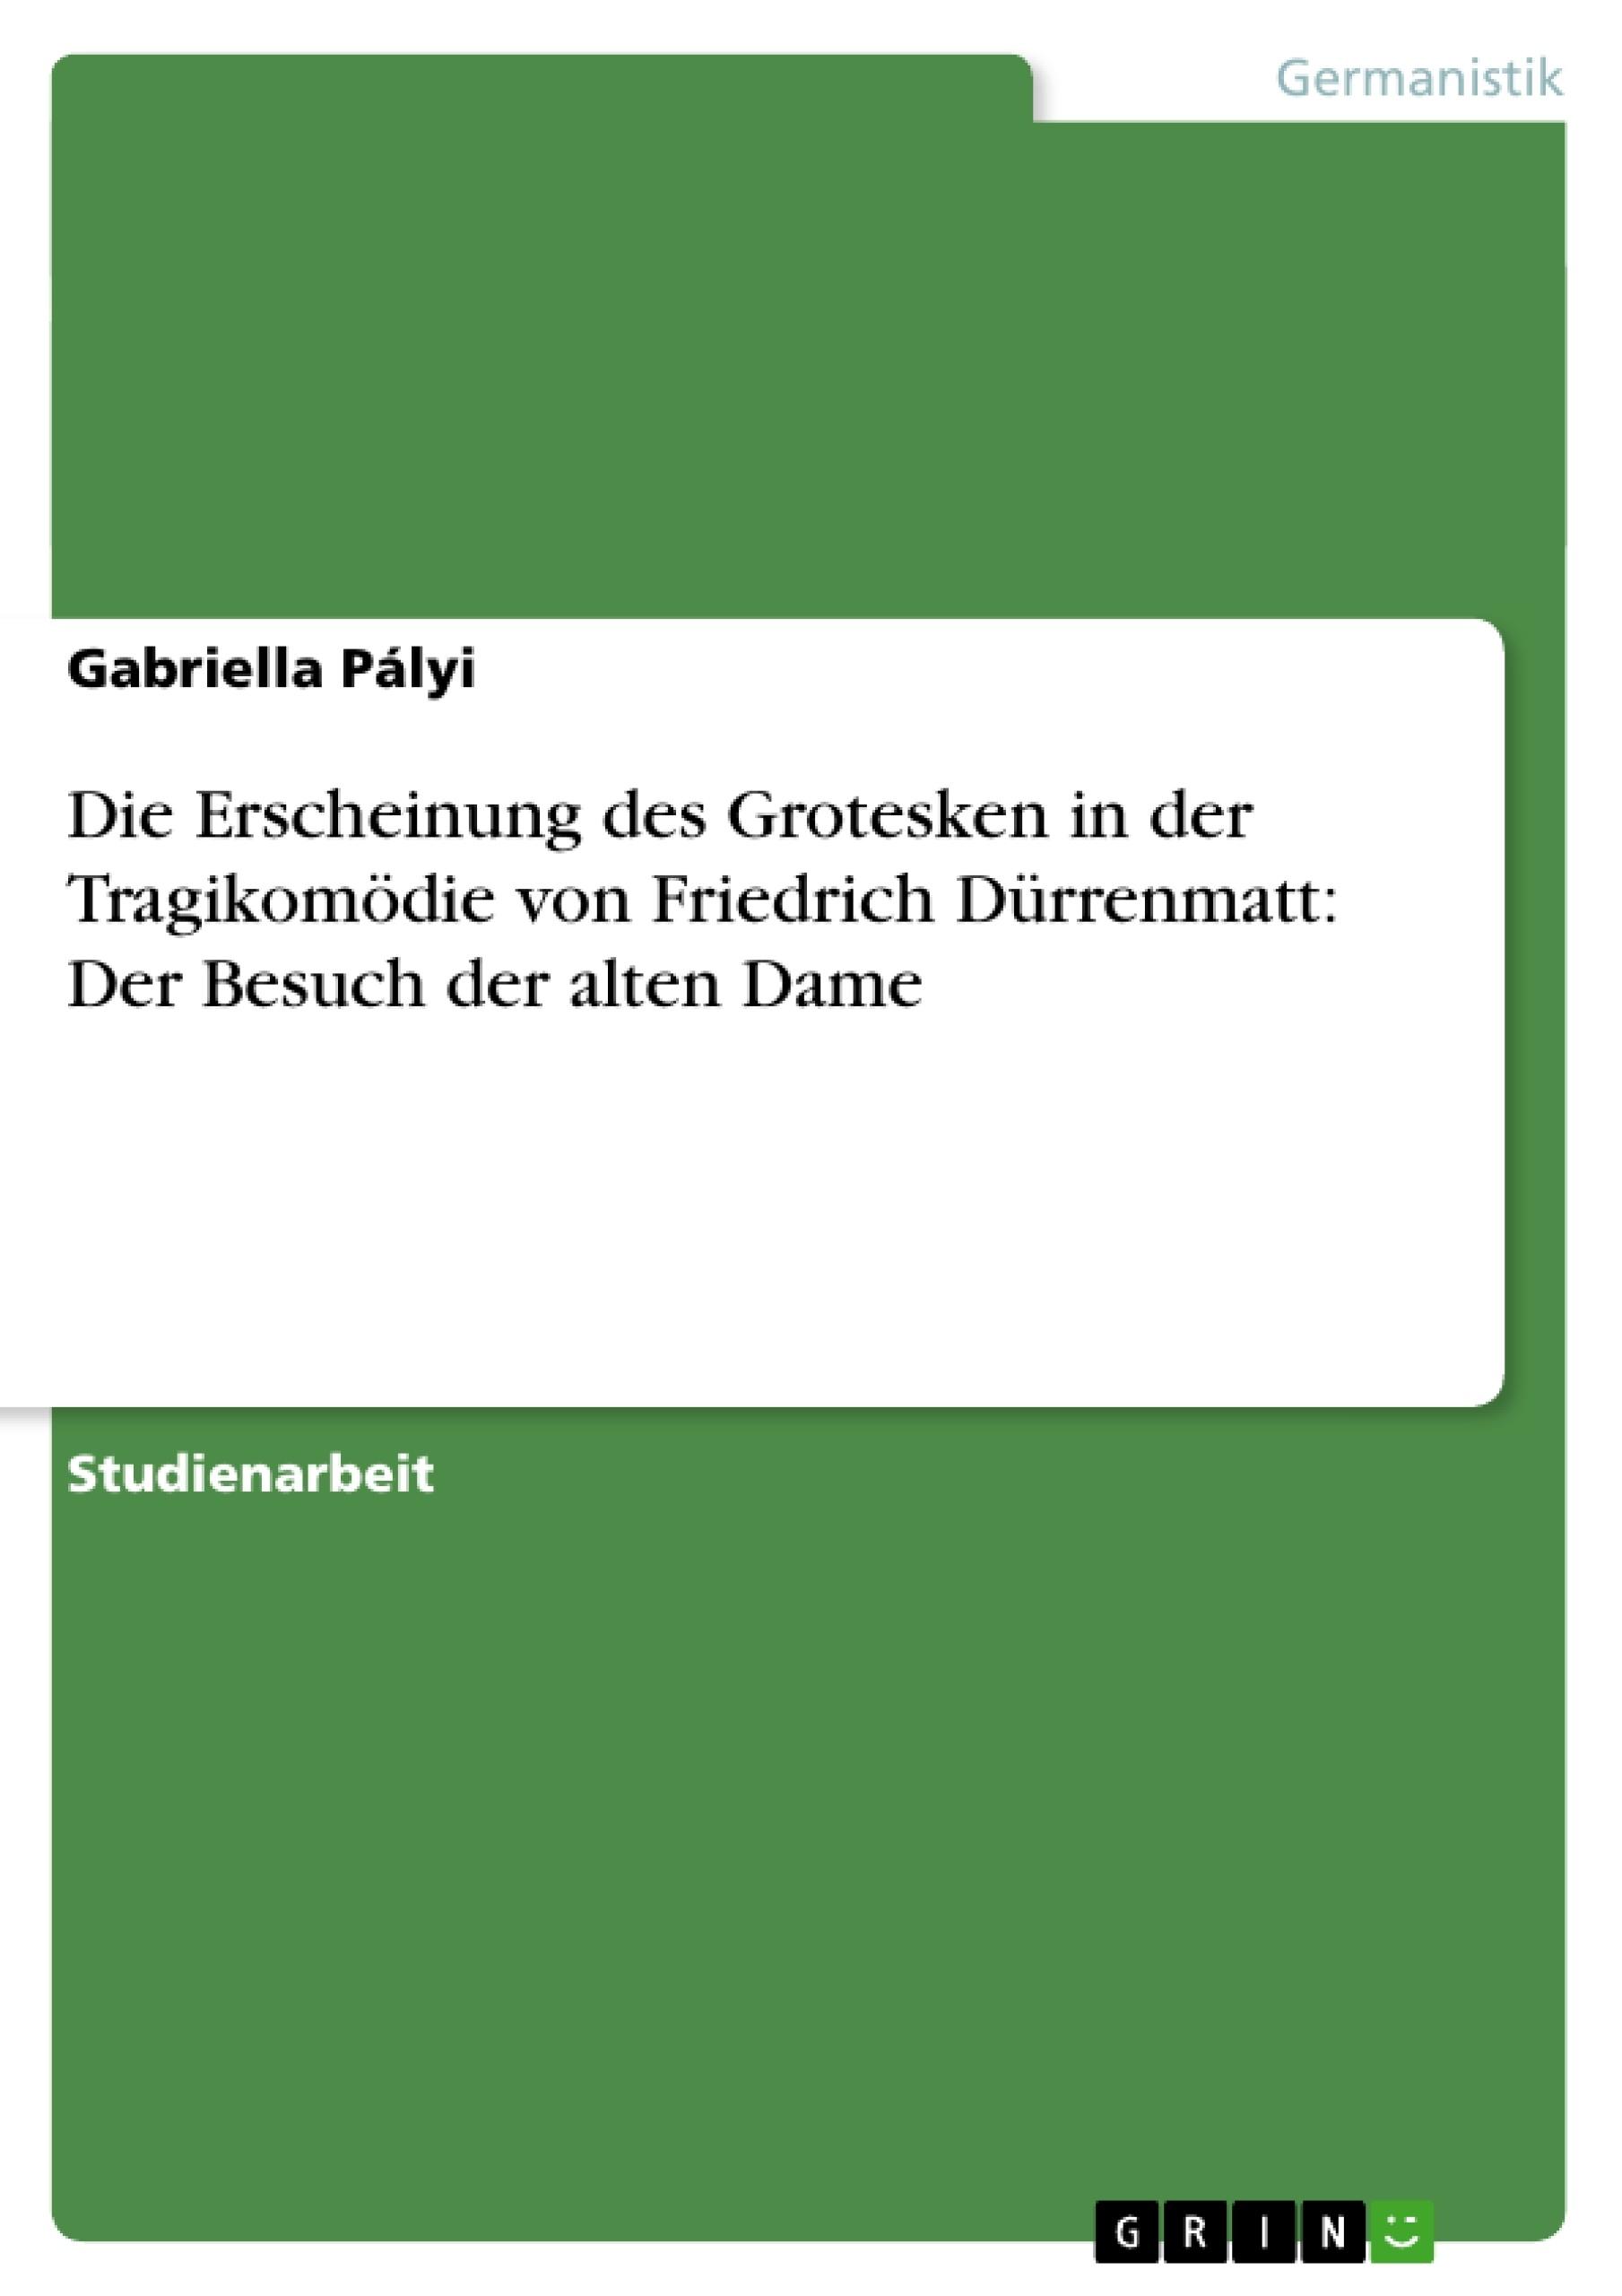 Titel: Die Erscheinung des Grotesken in der Tragikomödie von Friedrich Dürrenmatt: Der Besuch der alten Dame